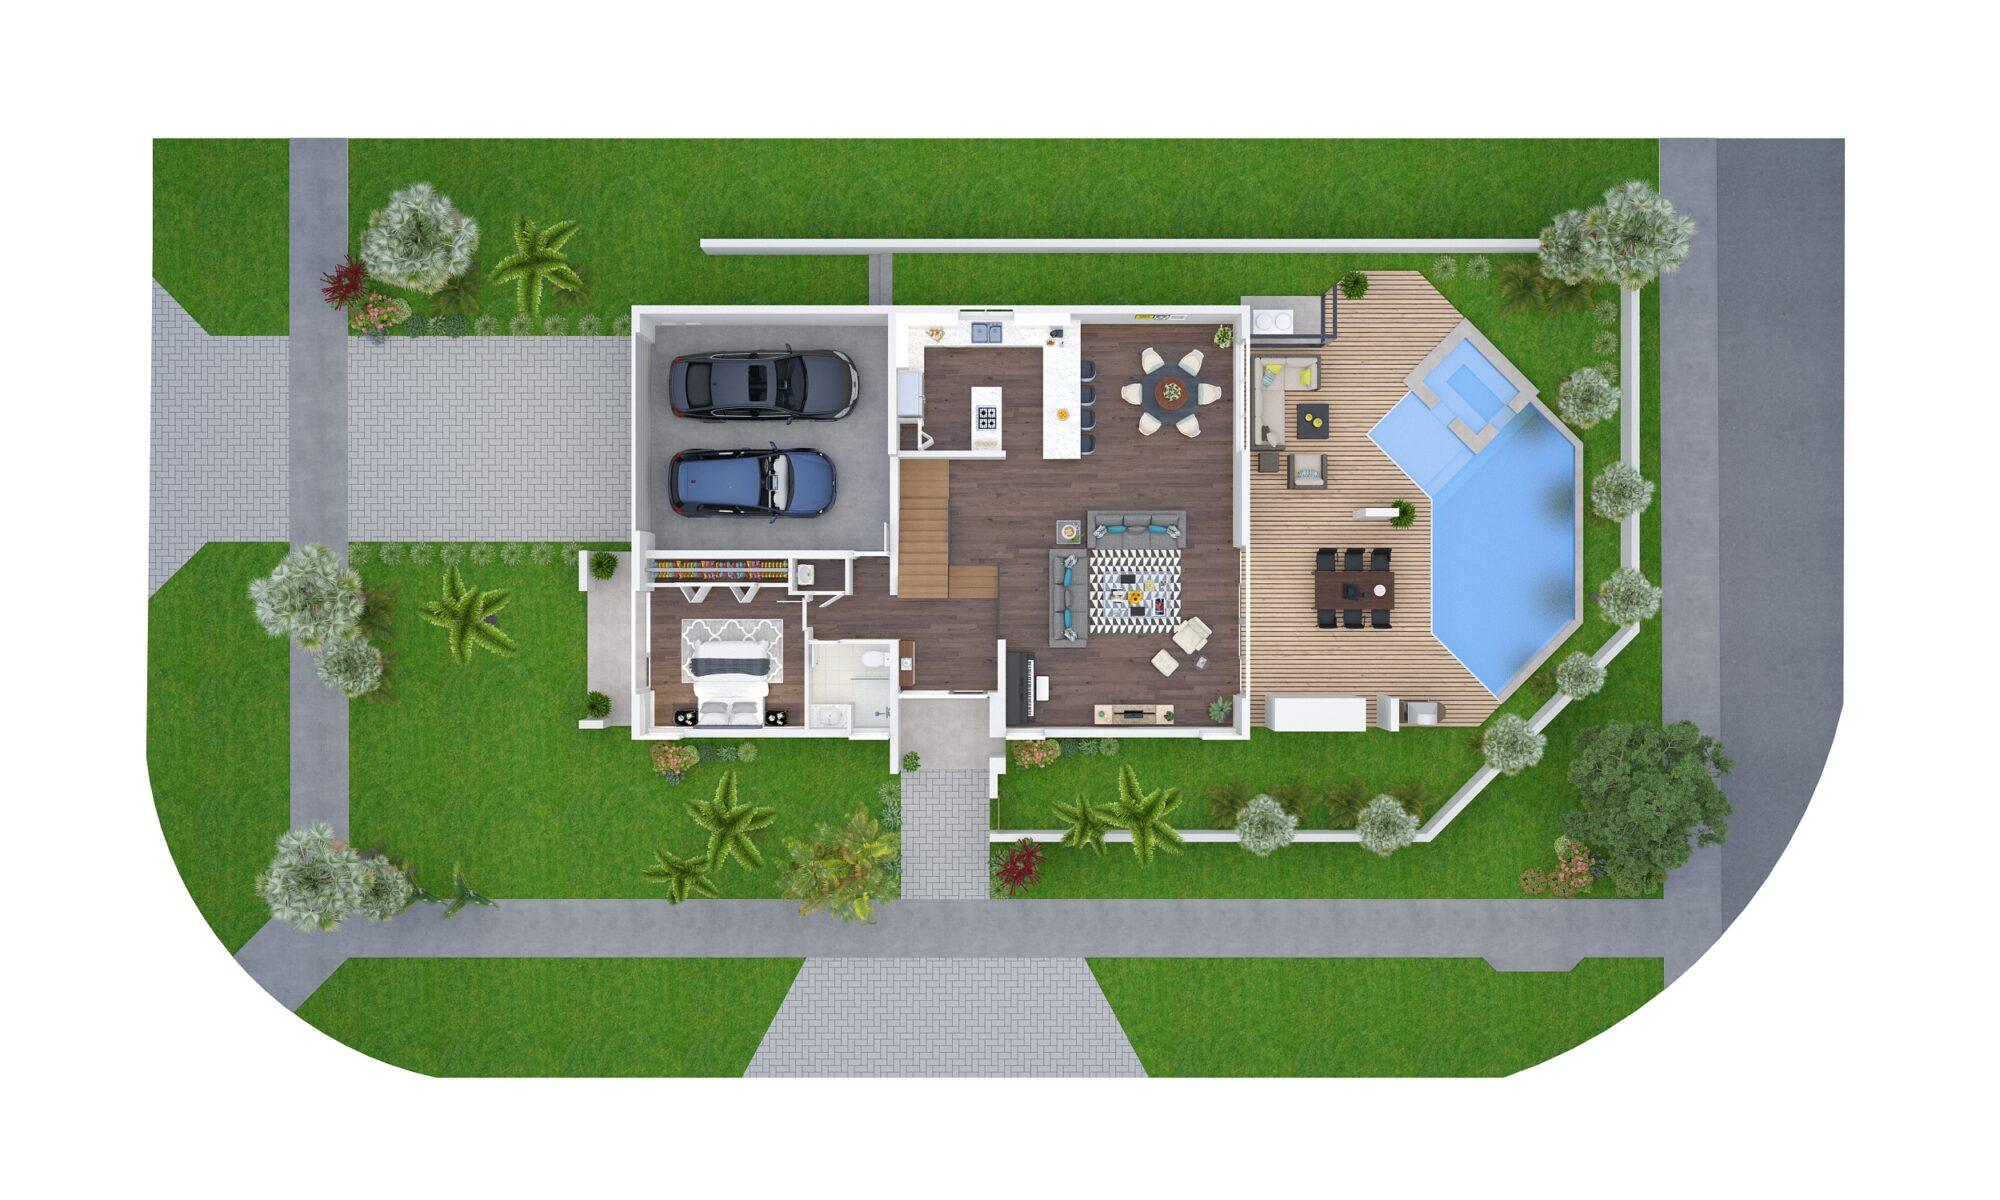 544 N Victoria Park Road, Rendering 2, First Floor Plan, July 9, 2018